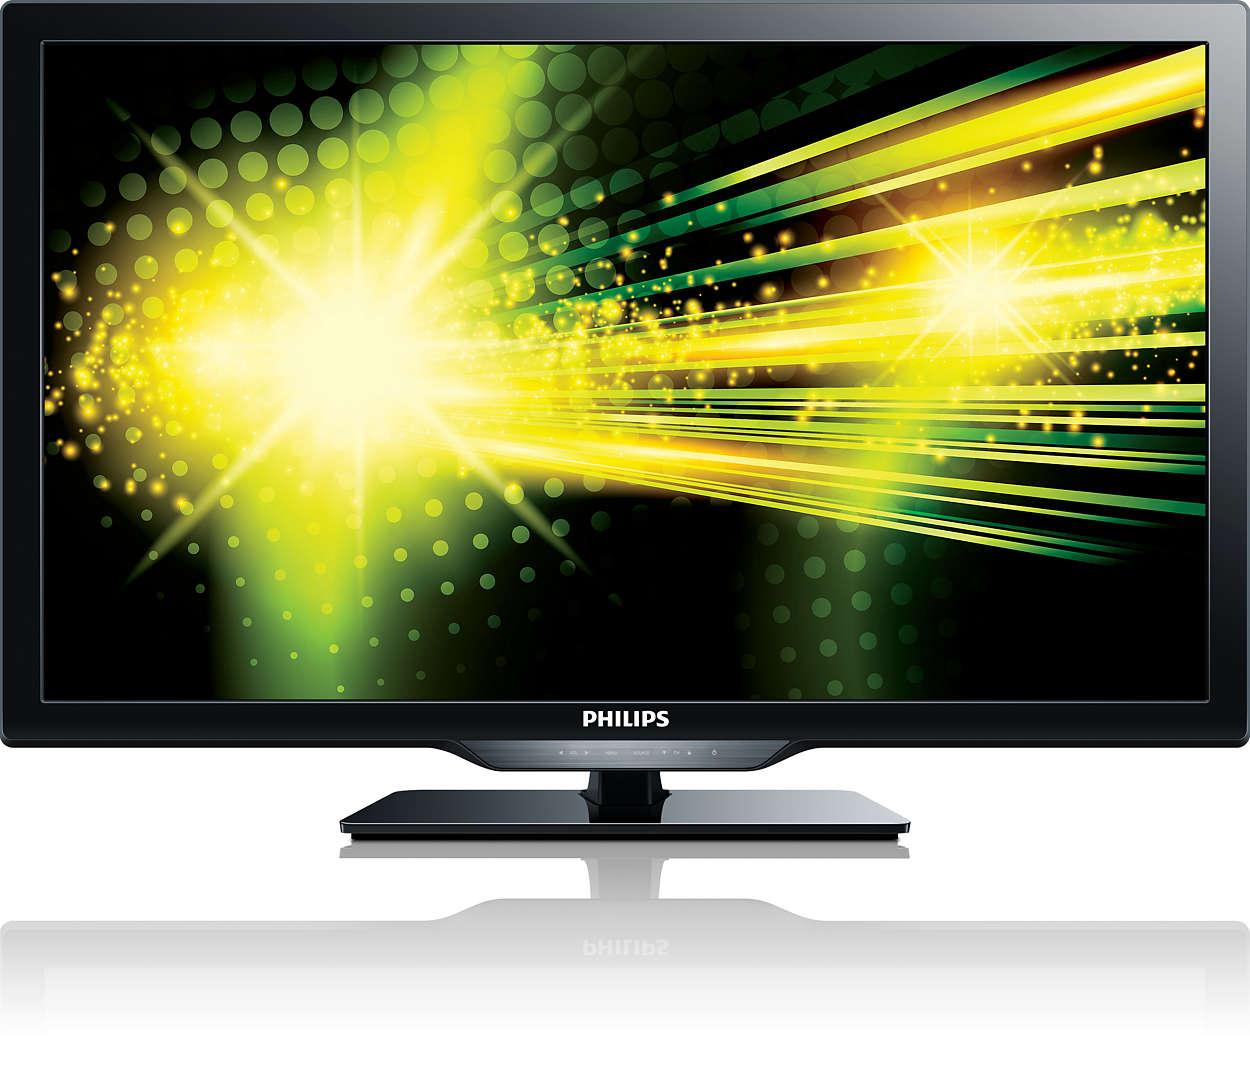 Televisor Led Lcd Serie 4000 29pfl4508 F4 Philips